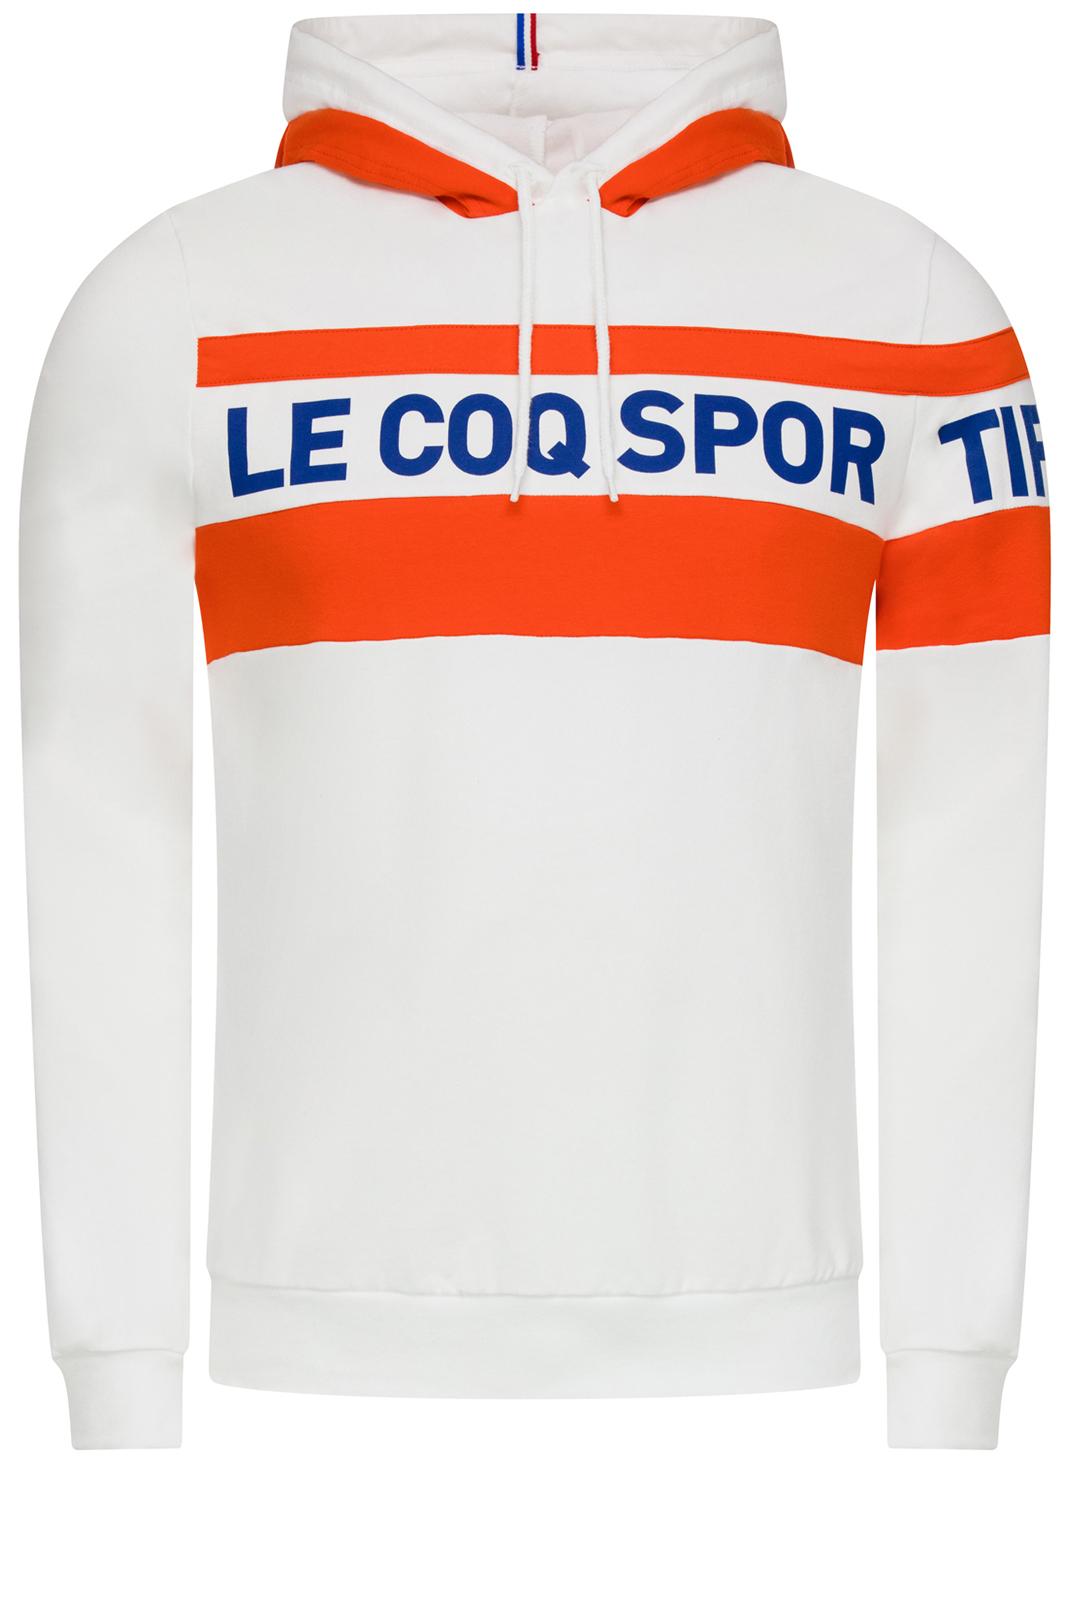 T-S manches longues  Le coq sportif 1911309 BLANC/ORANGE